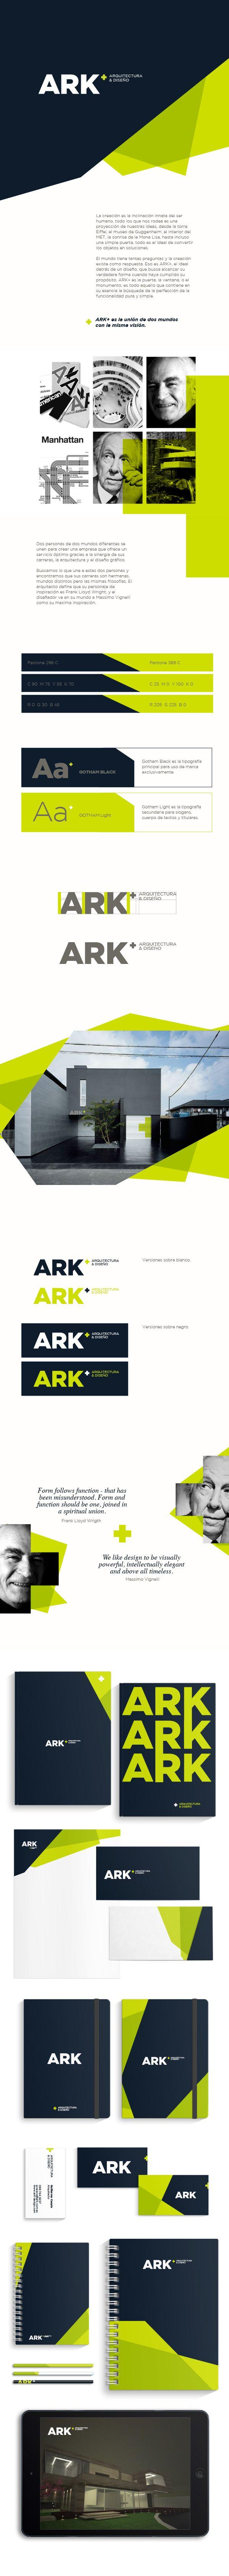 ARK+ Arquitectura & Diseño                                                                                                                                                                                 Más